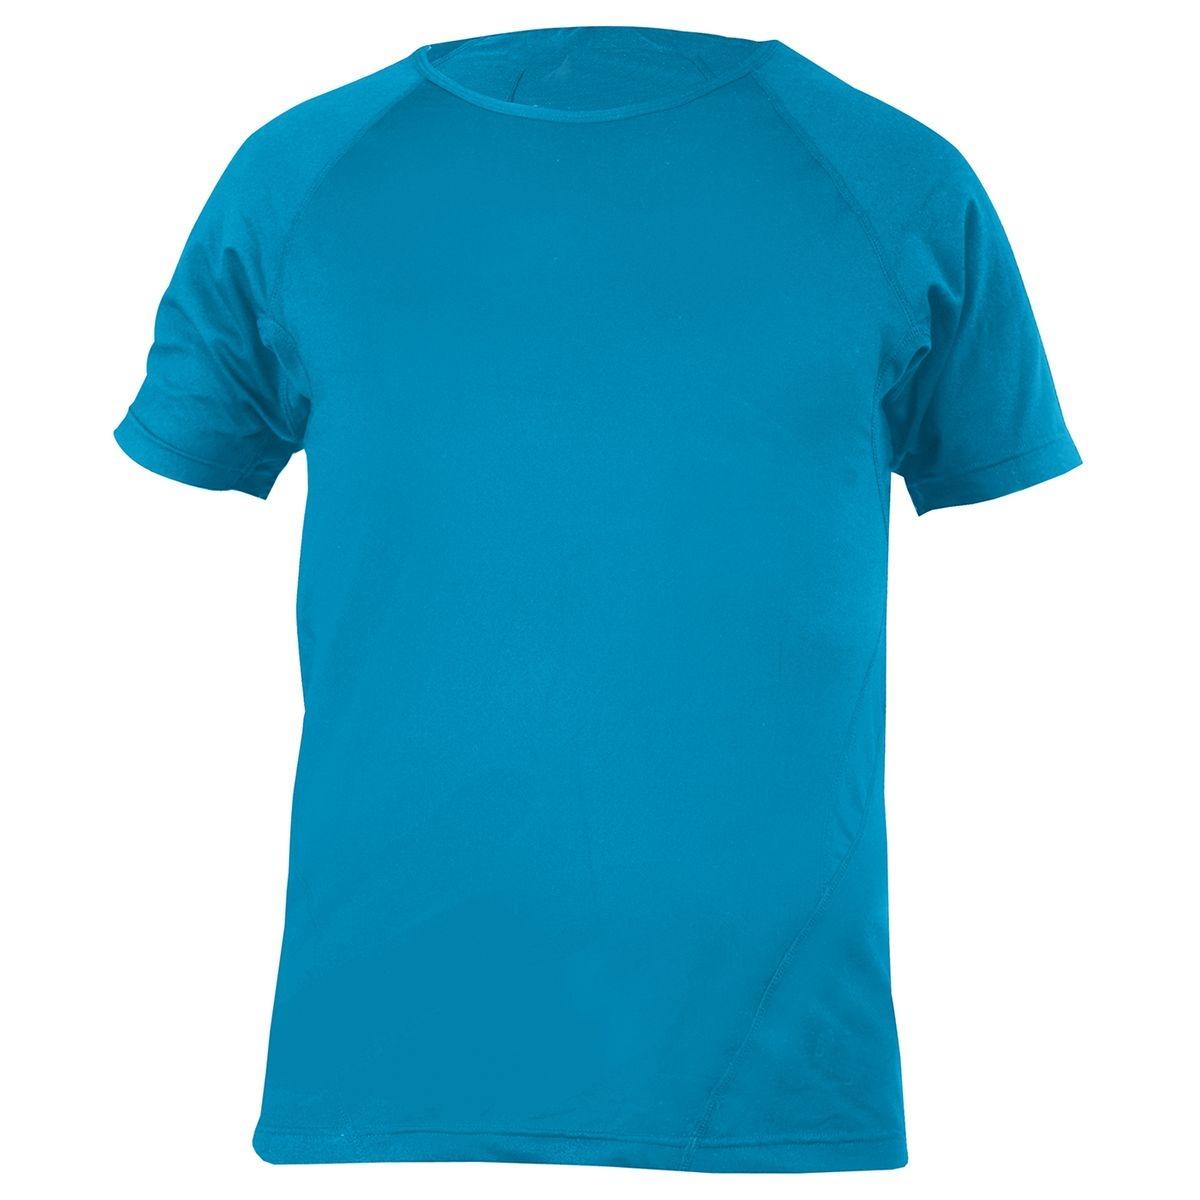 Yoga-T-Shirt, men - aqua aqua